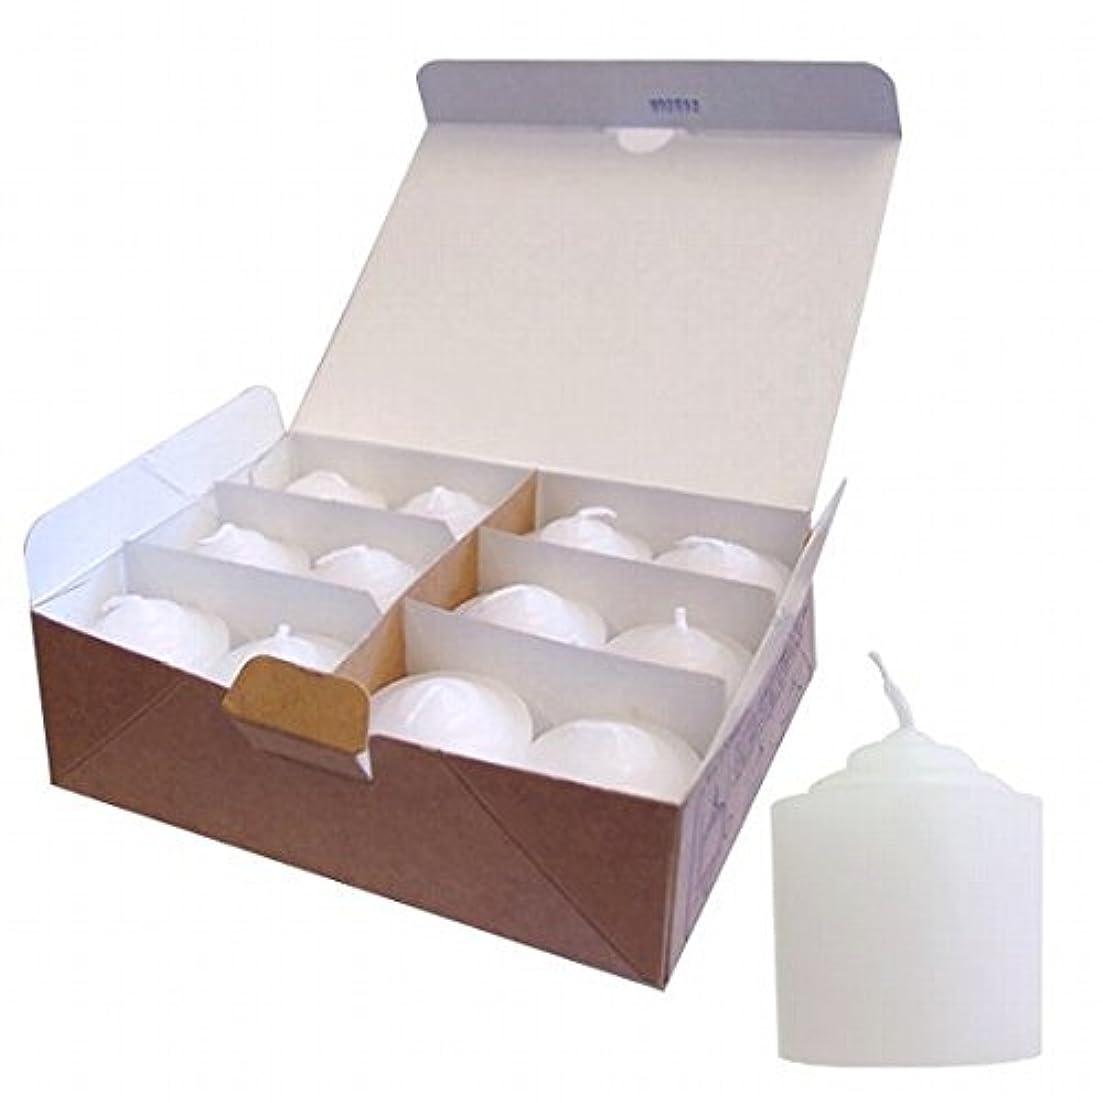 累積誰でも出会いカメヤマキャンドル( kameyama candle ) 8Hライト(8時間タイプ)12個入り